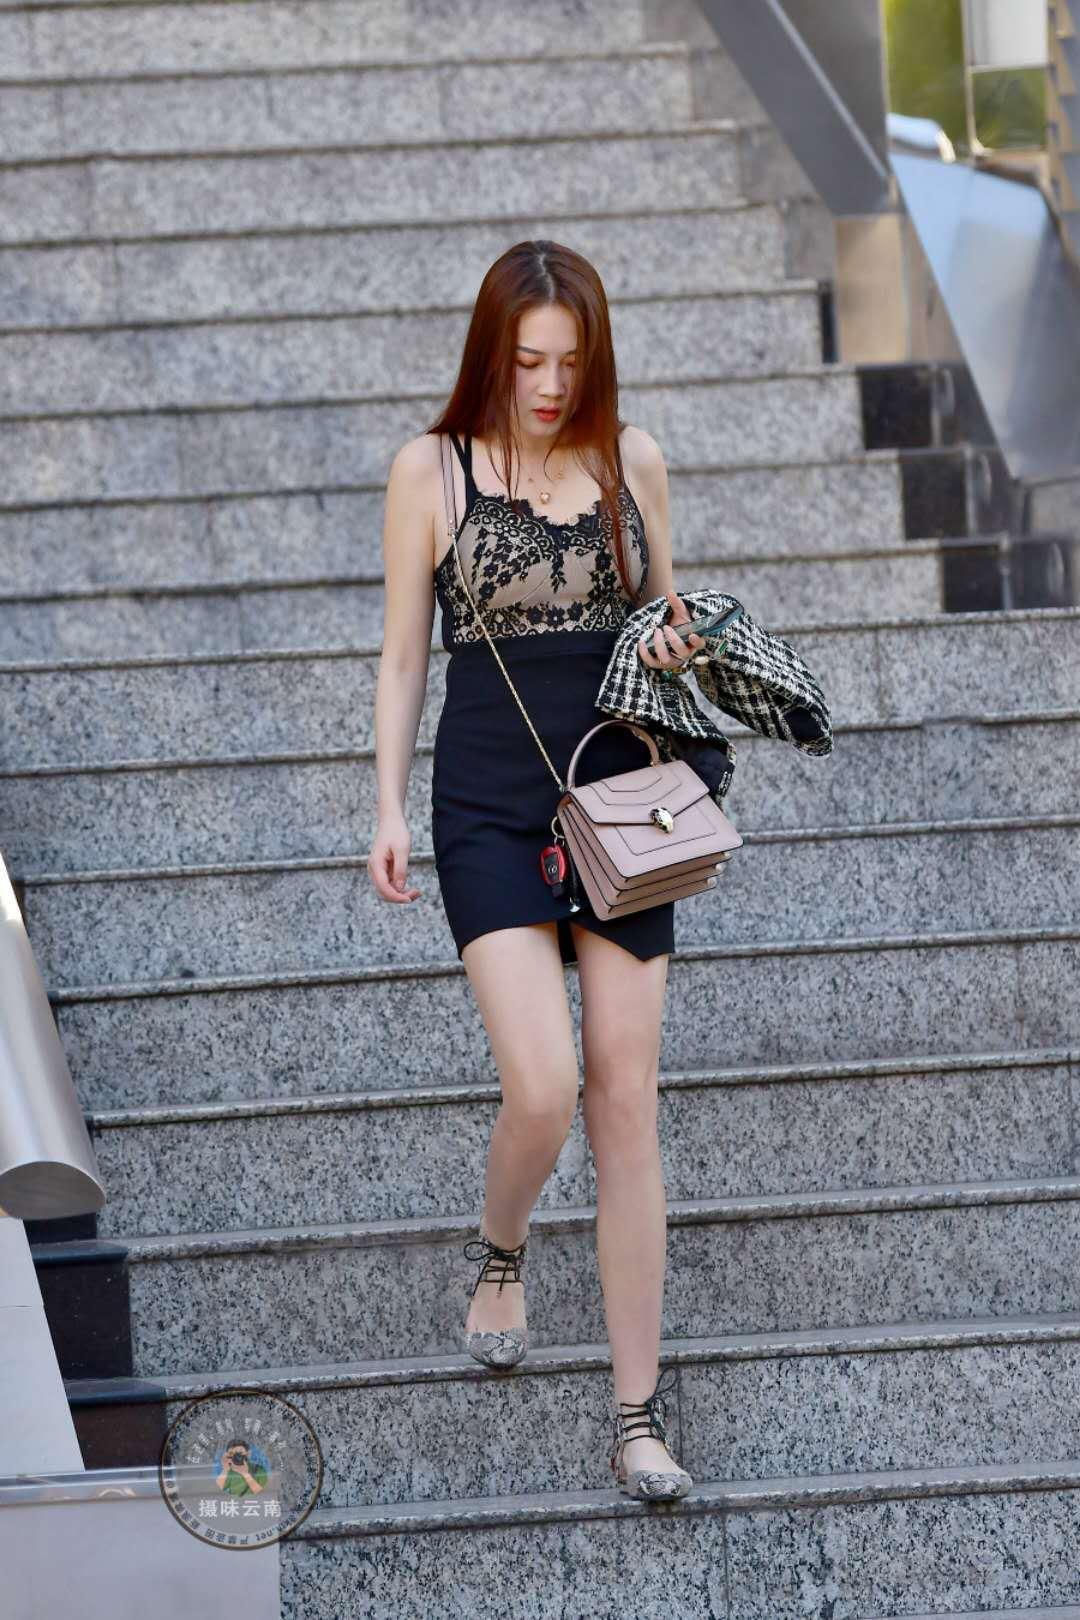 紧身吊带_街拍:美女黑色紧身裙搭配吊带上衣,蕾丝穿搭清凉一夏